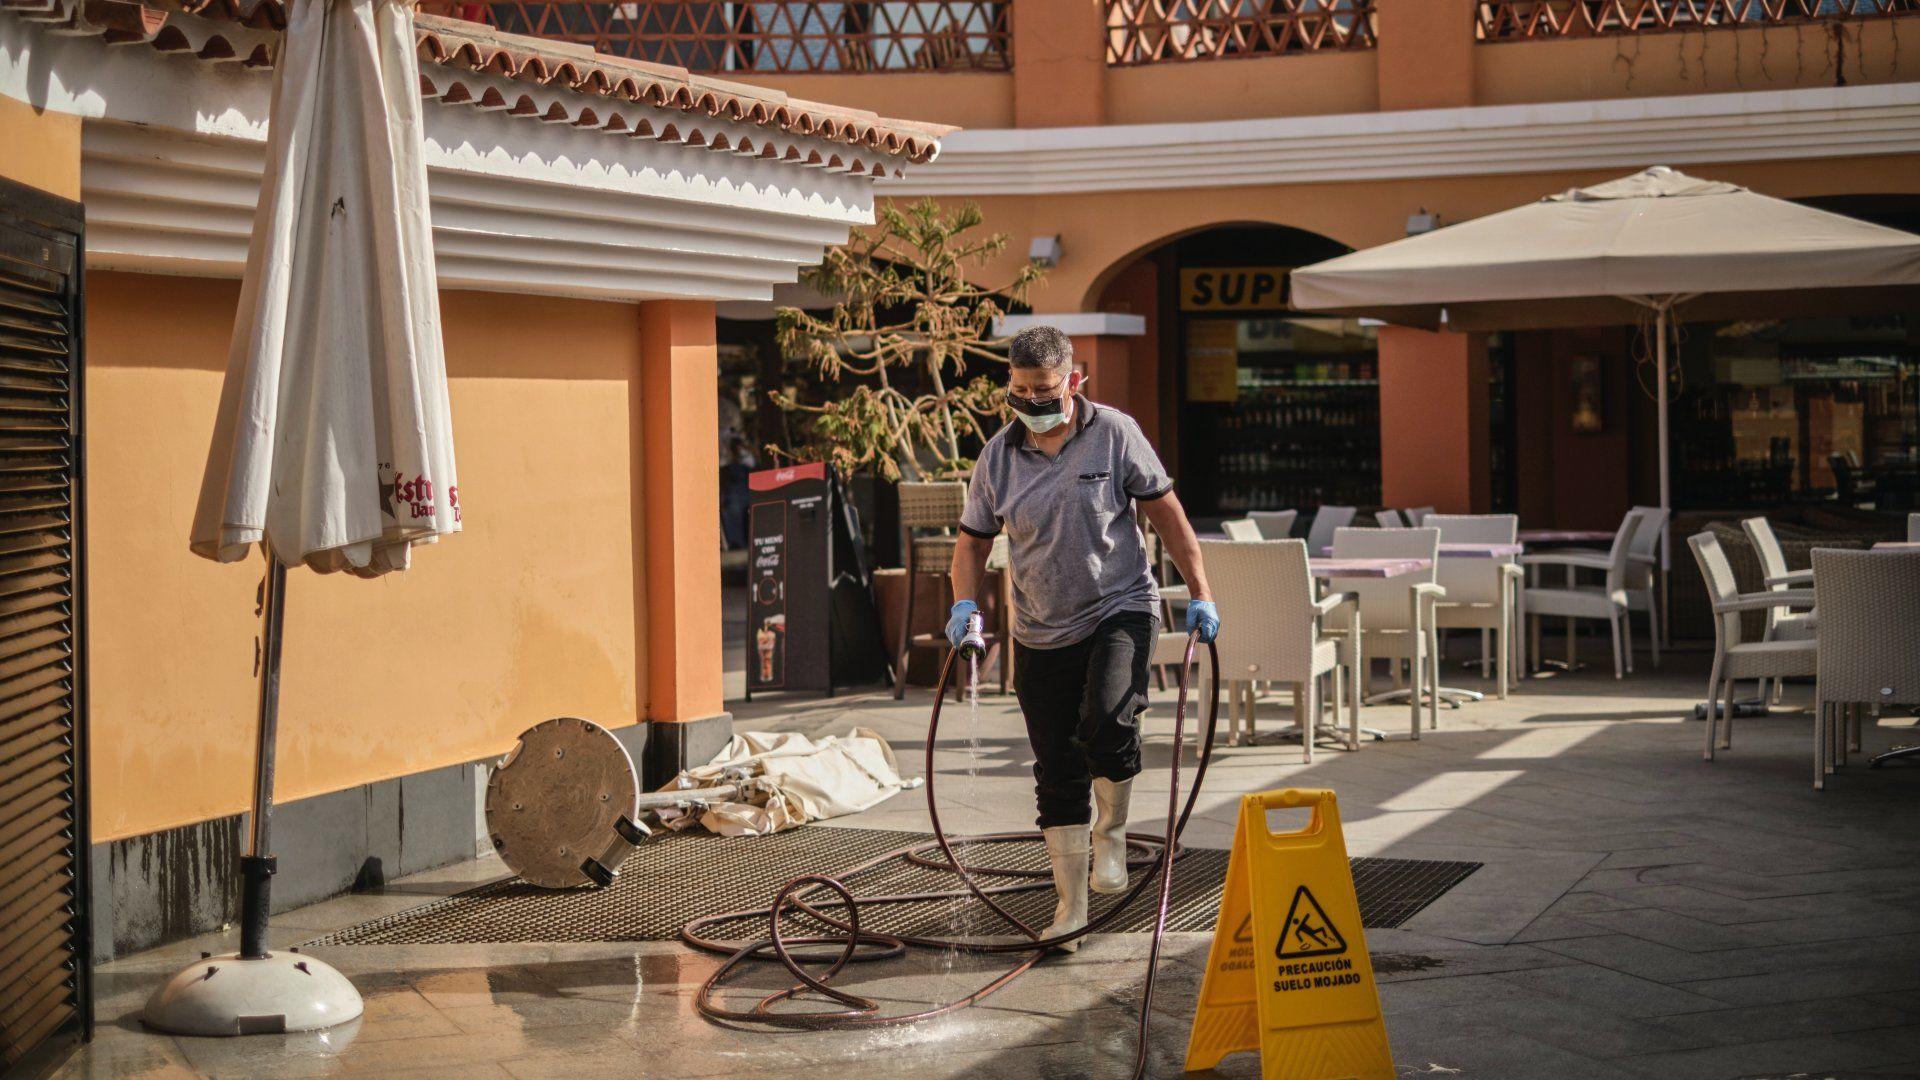 Szájmaszkot viselõ férfi fertőtlenítést végez a Tenerife nyugati partjánál lévő Costa Adeje üdülőhely bevásárlóközpontjának teraszán 2020. február 26-án (Fotó: MTI/AP)